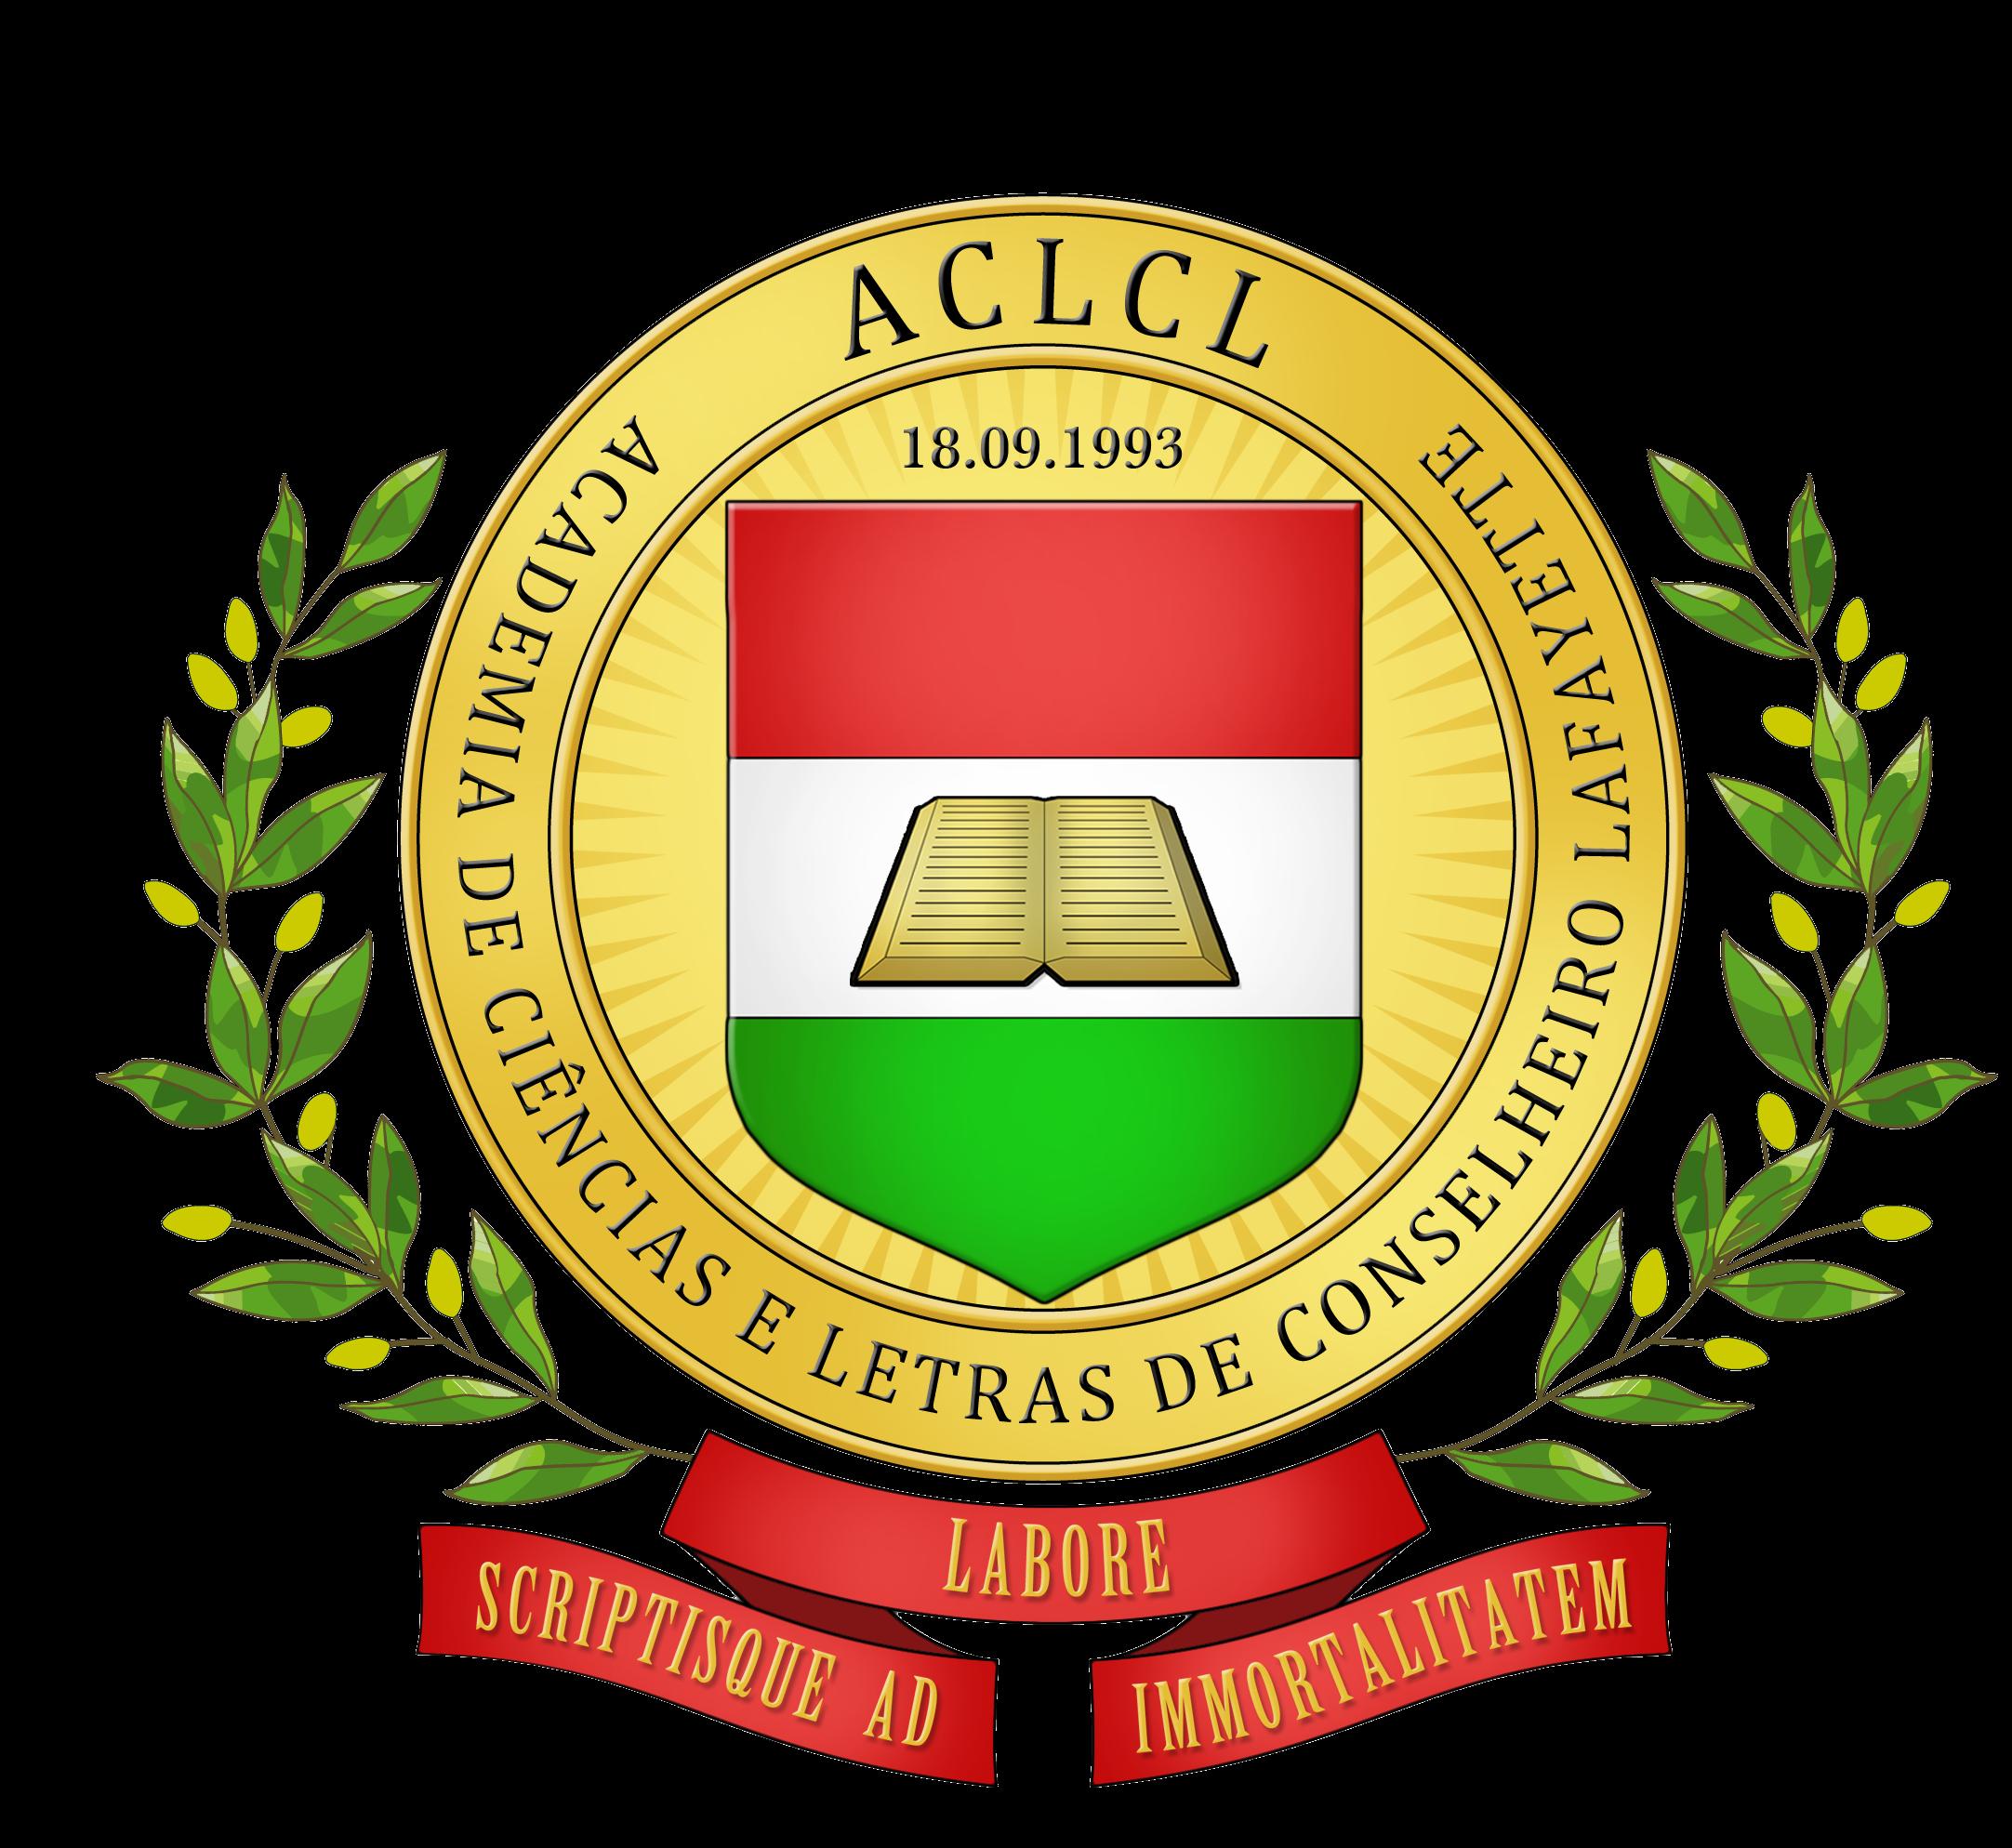 Academia de Ciências e Letras de Conselheiro Lafayette